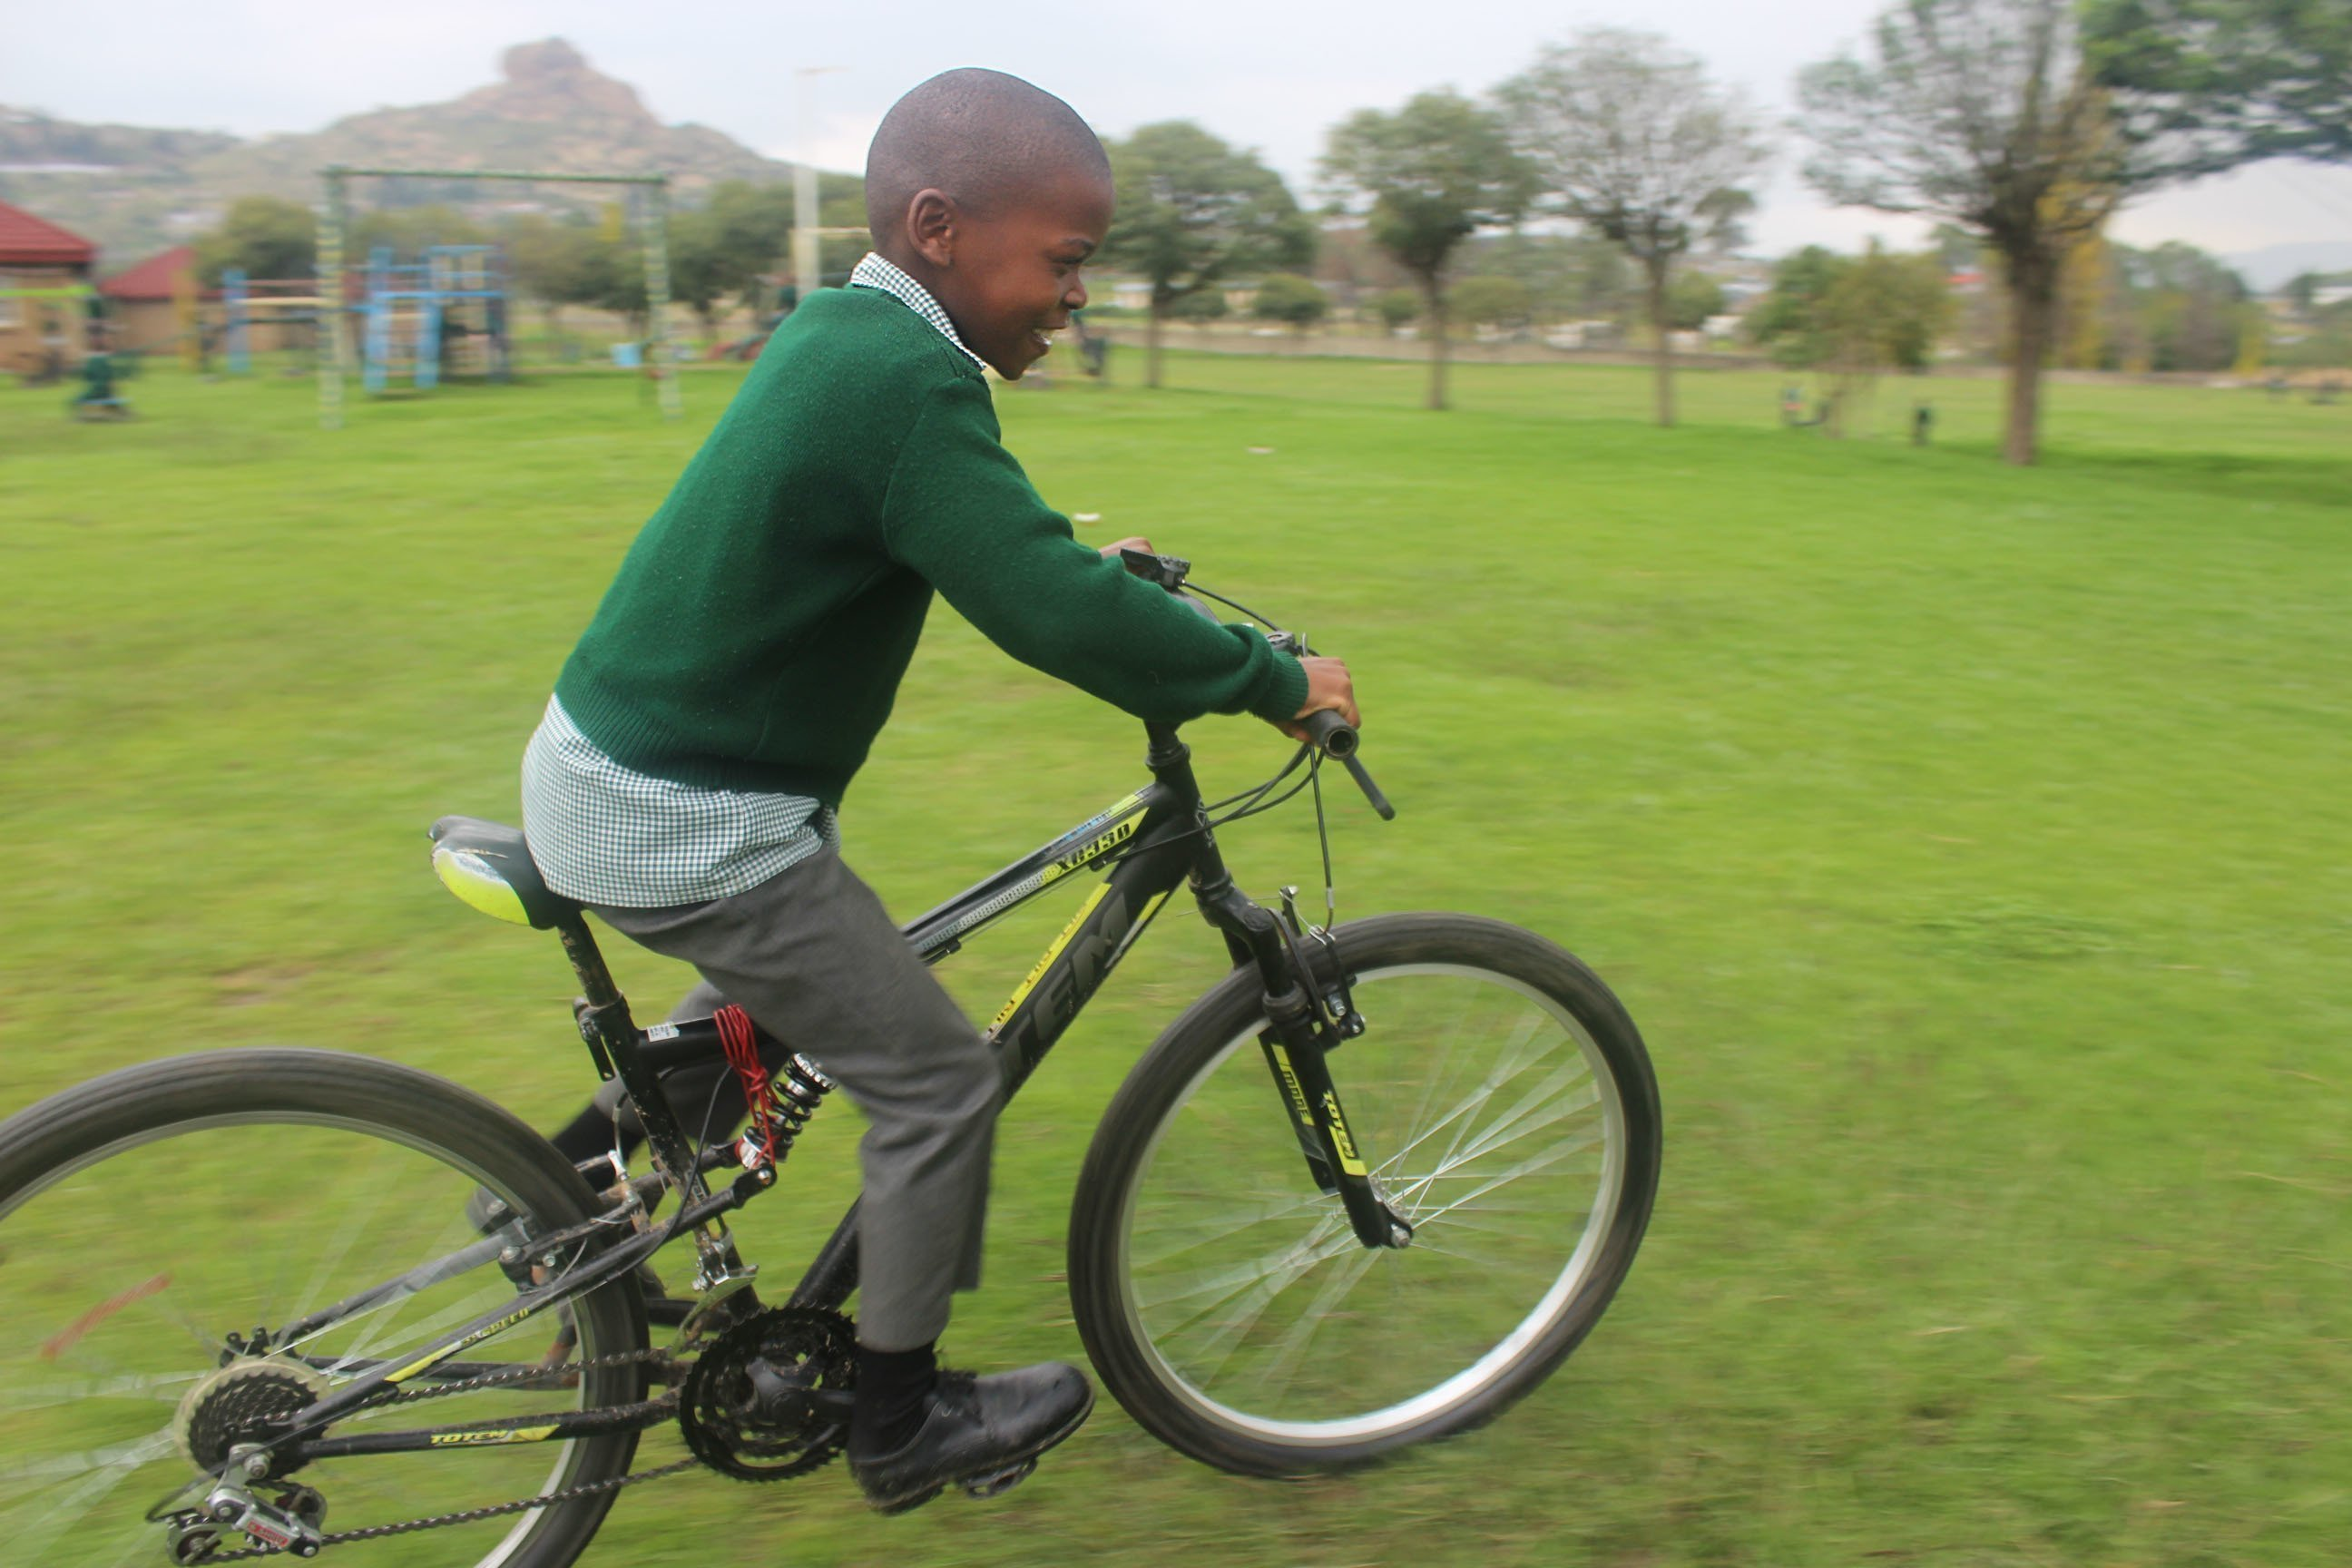 Kind auf einem Fahrrad fährt über einen grünen Rasen.